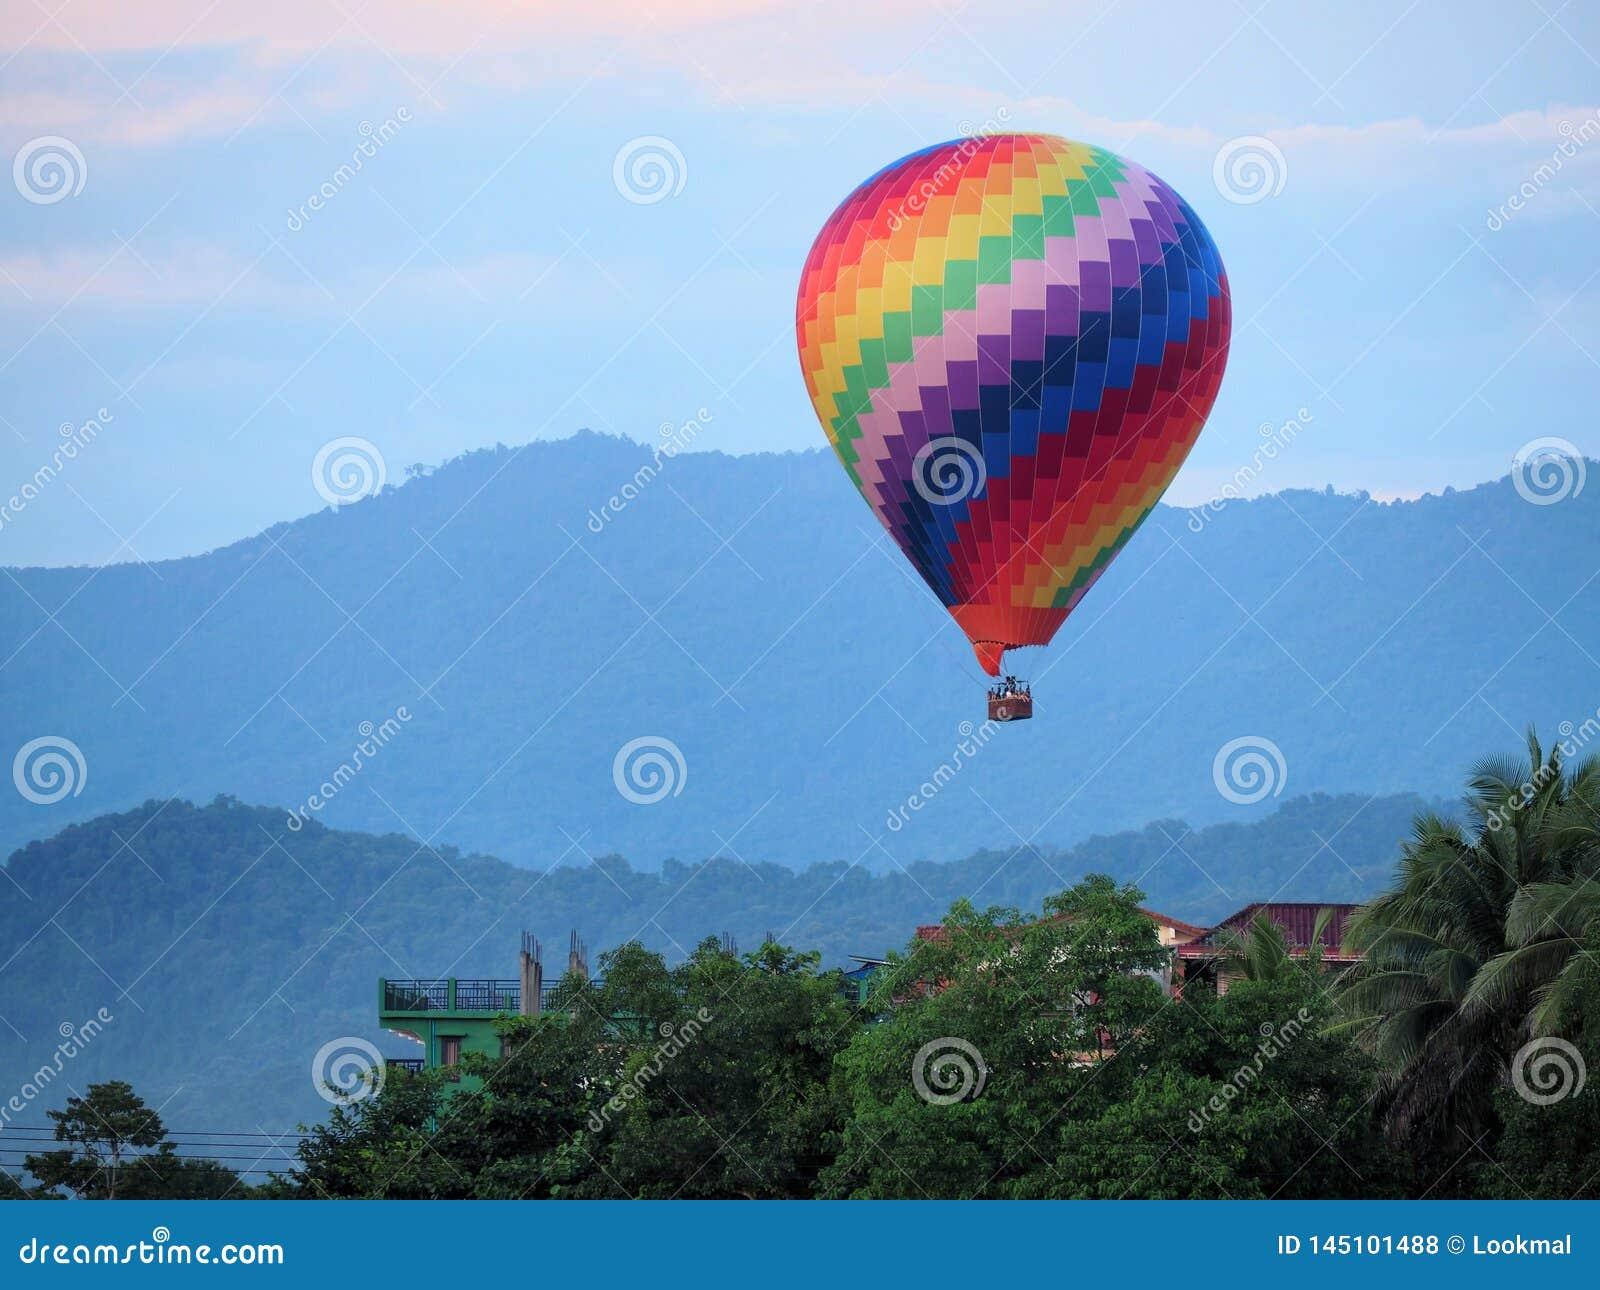 Красочный использующий горячий воздух воздушный шар принимает и подн